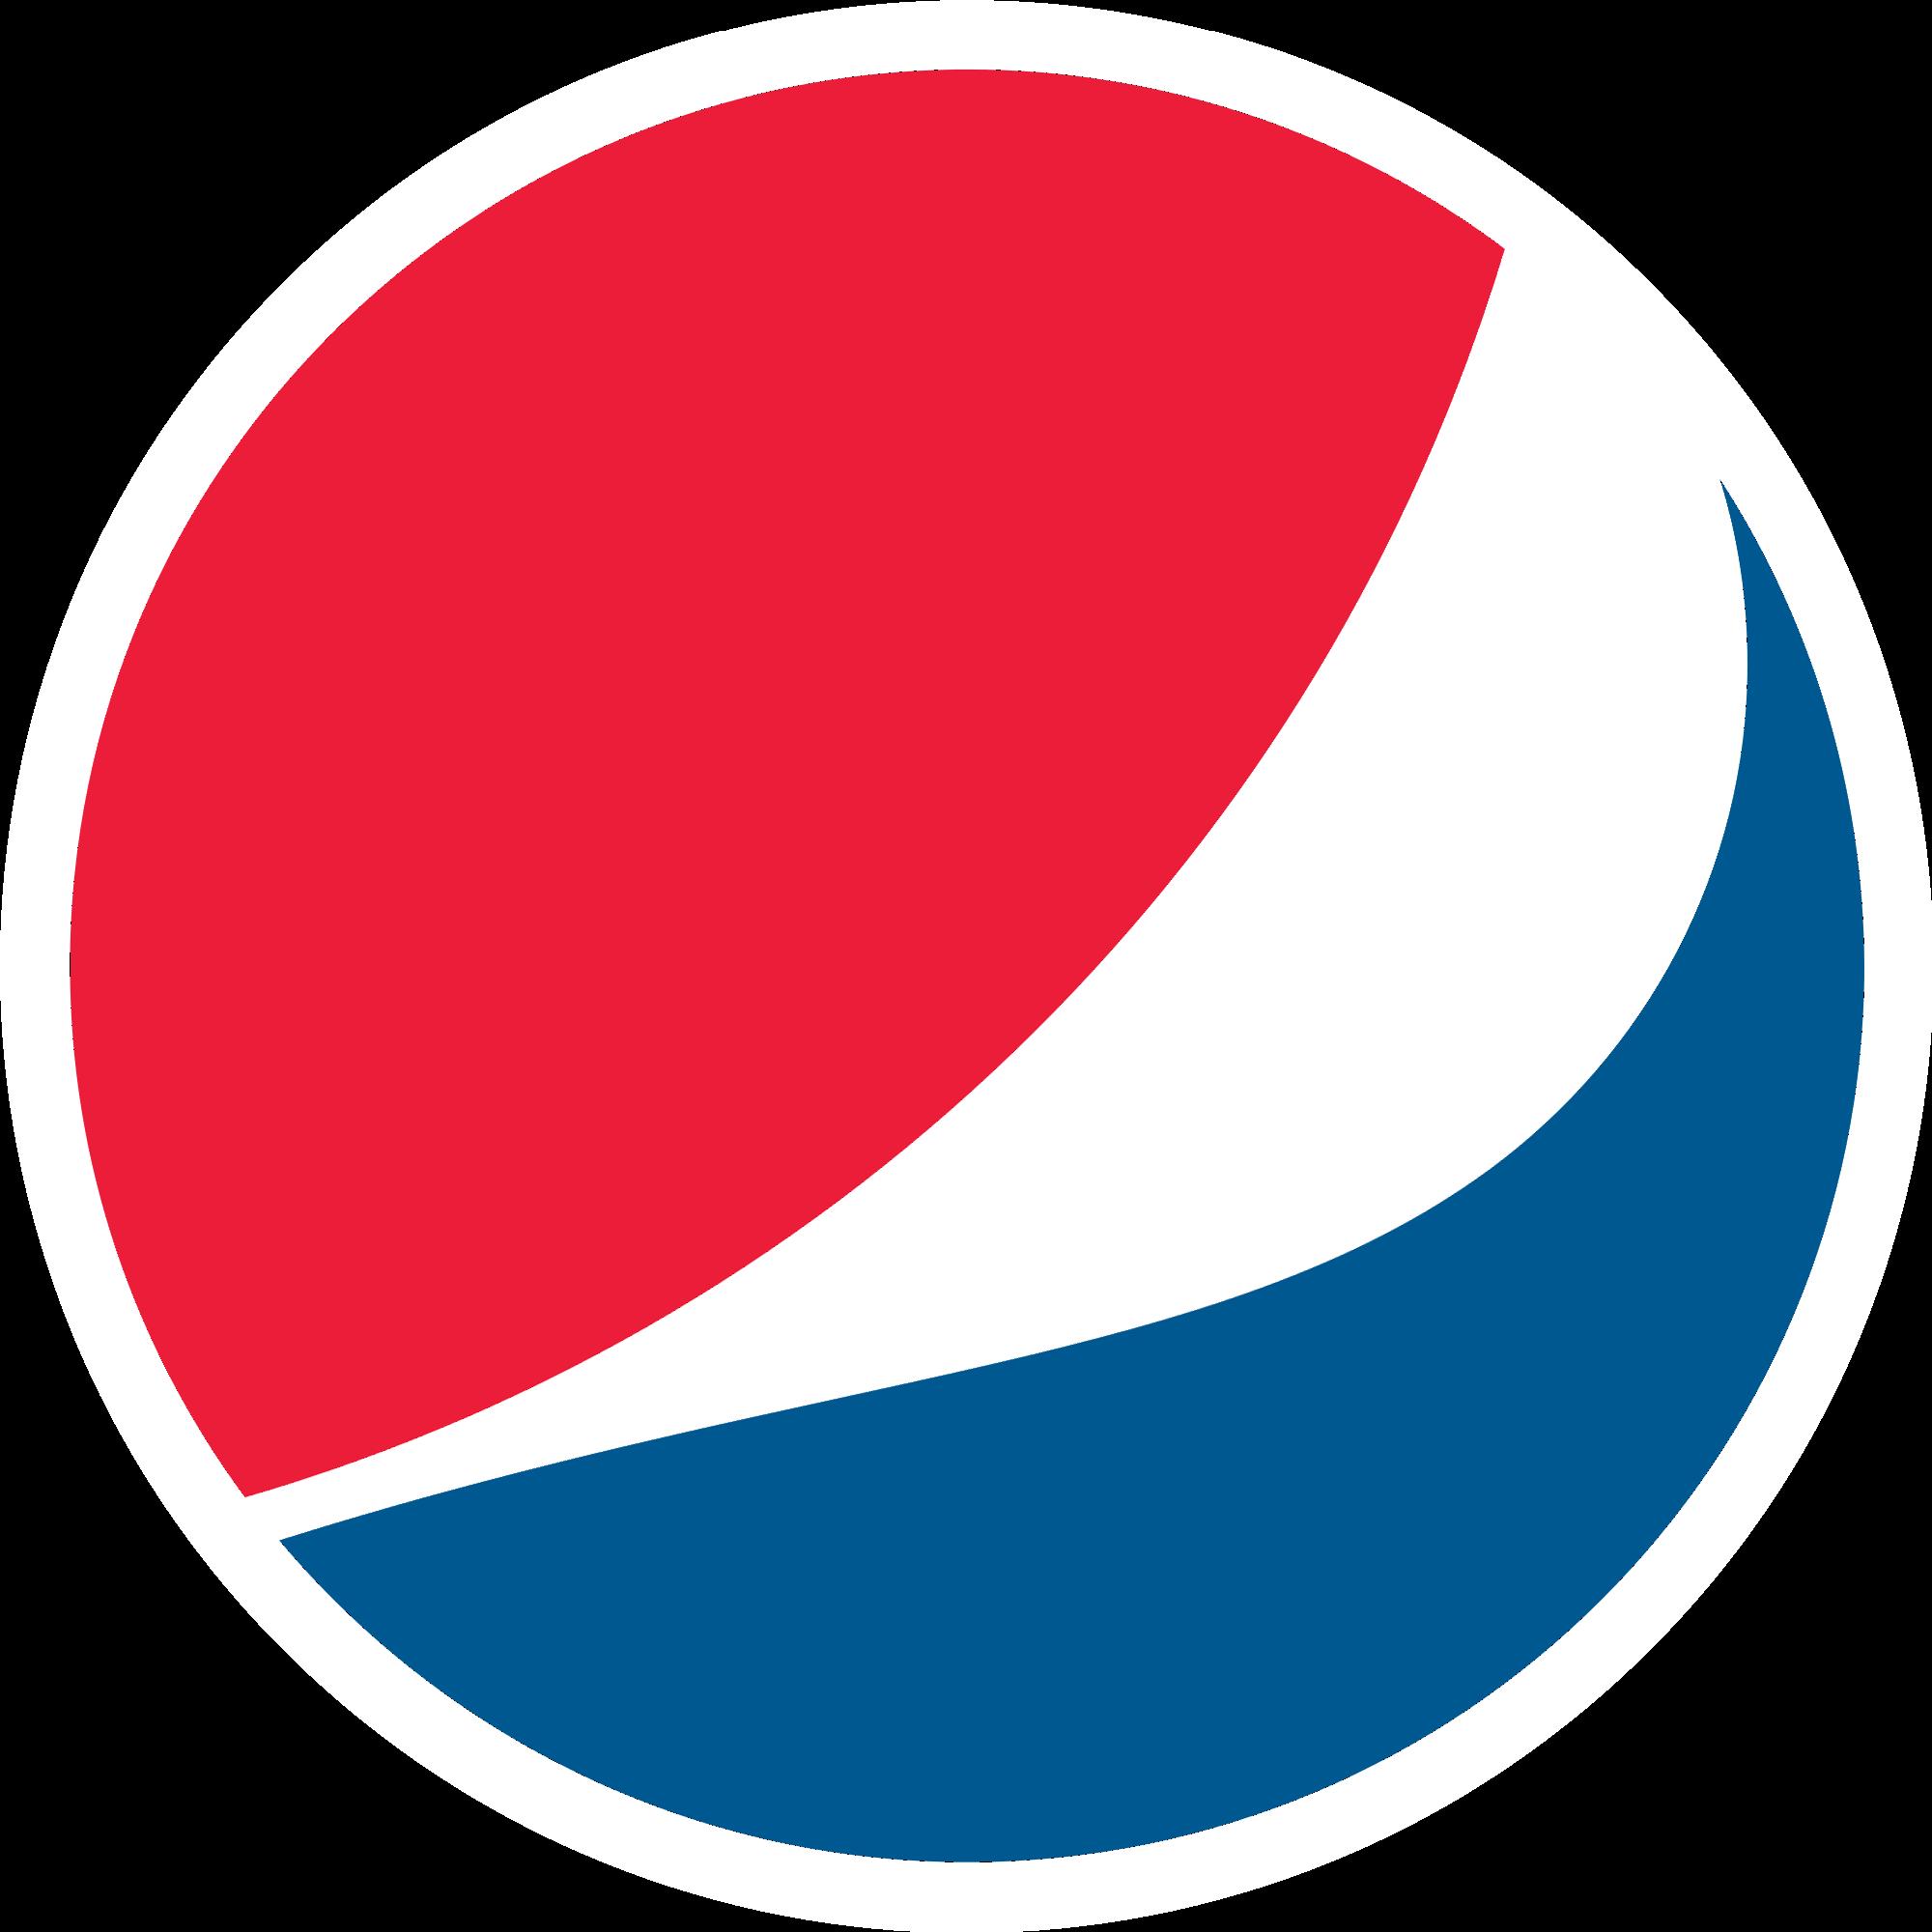 Team Pepsi